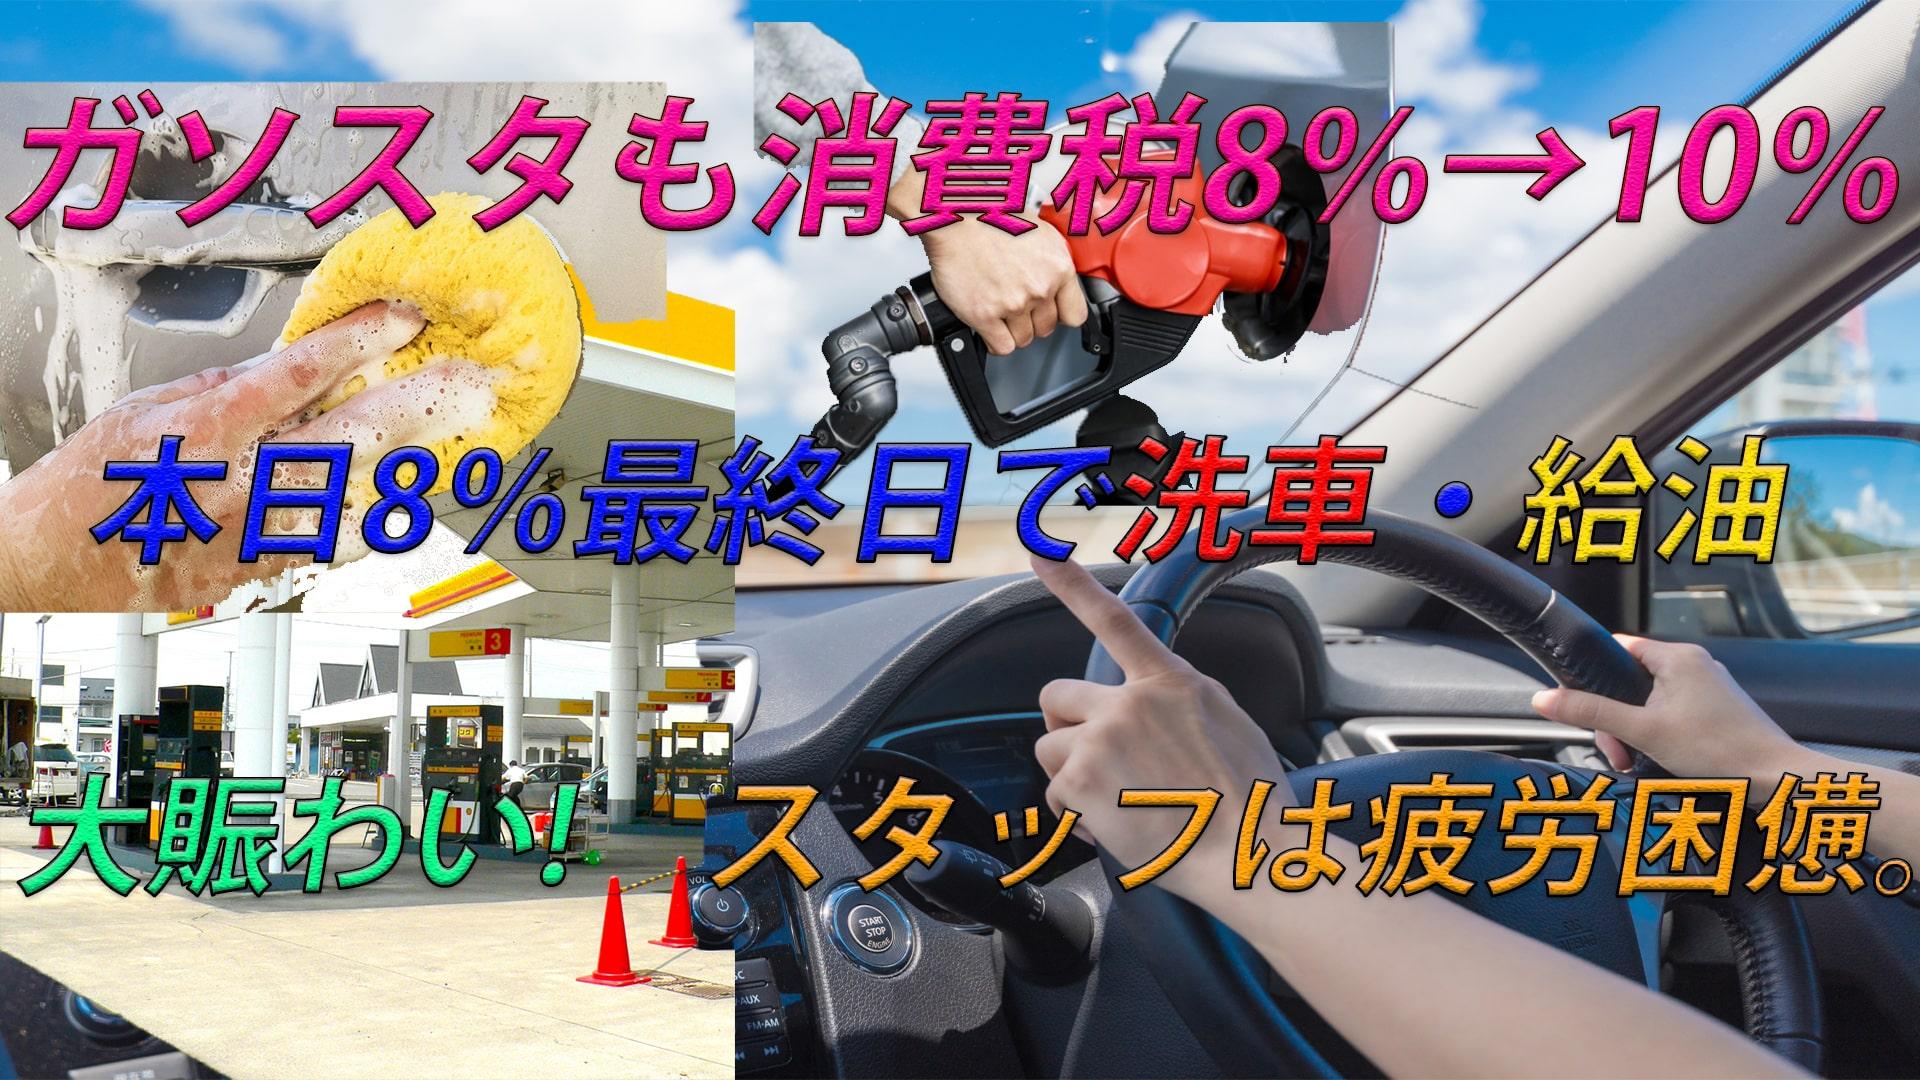 消費税8%→10%ガソリンスタンドは忙しい。。洗車?給油?